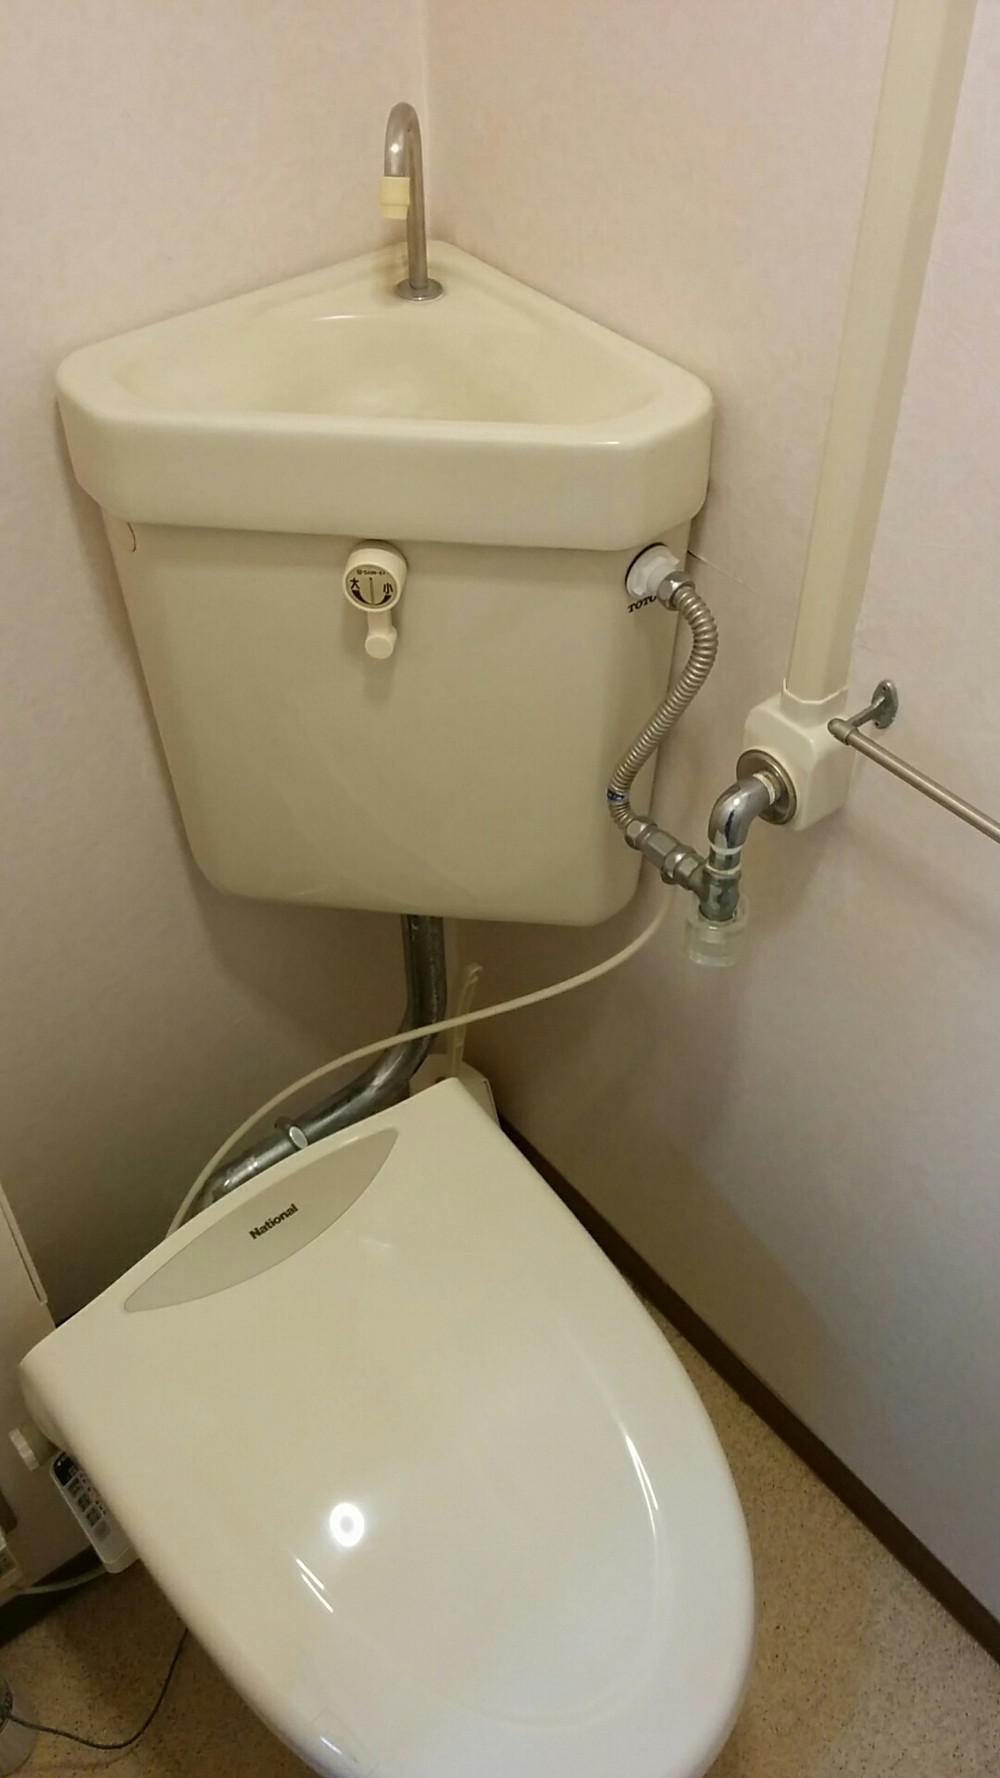 明石市 トイレ改装工事 施工前 隅付きタンク toto